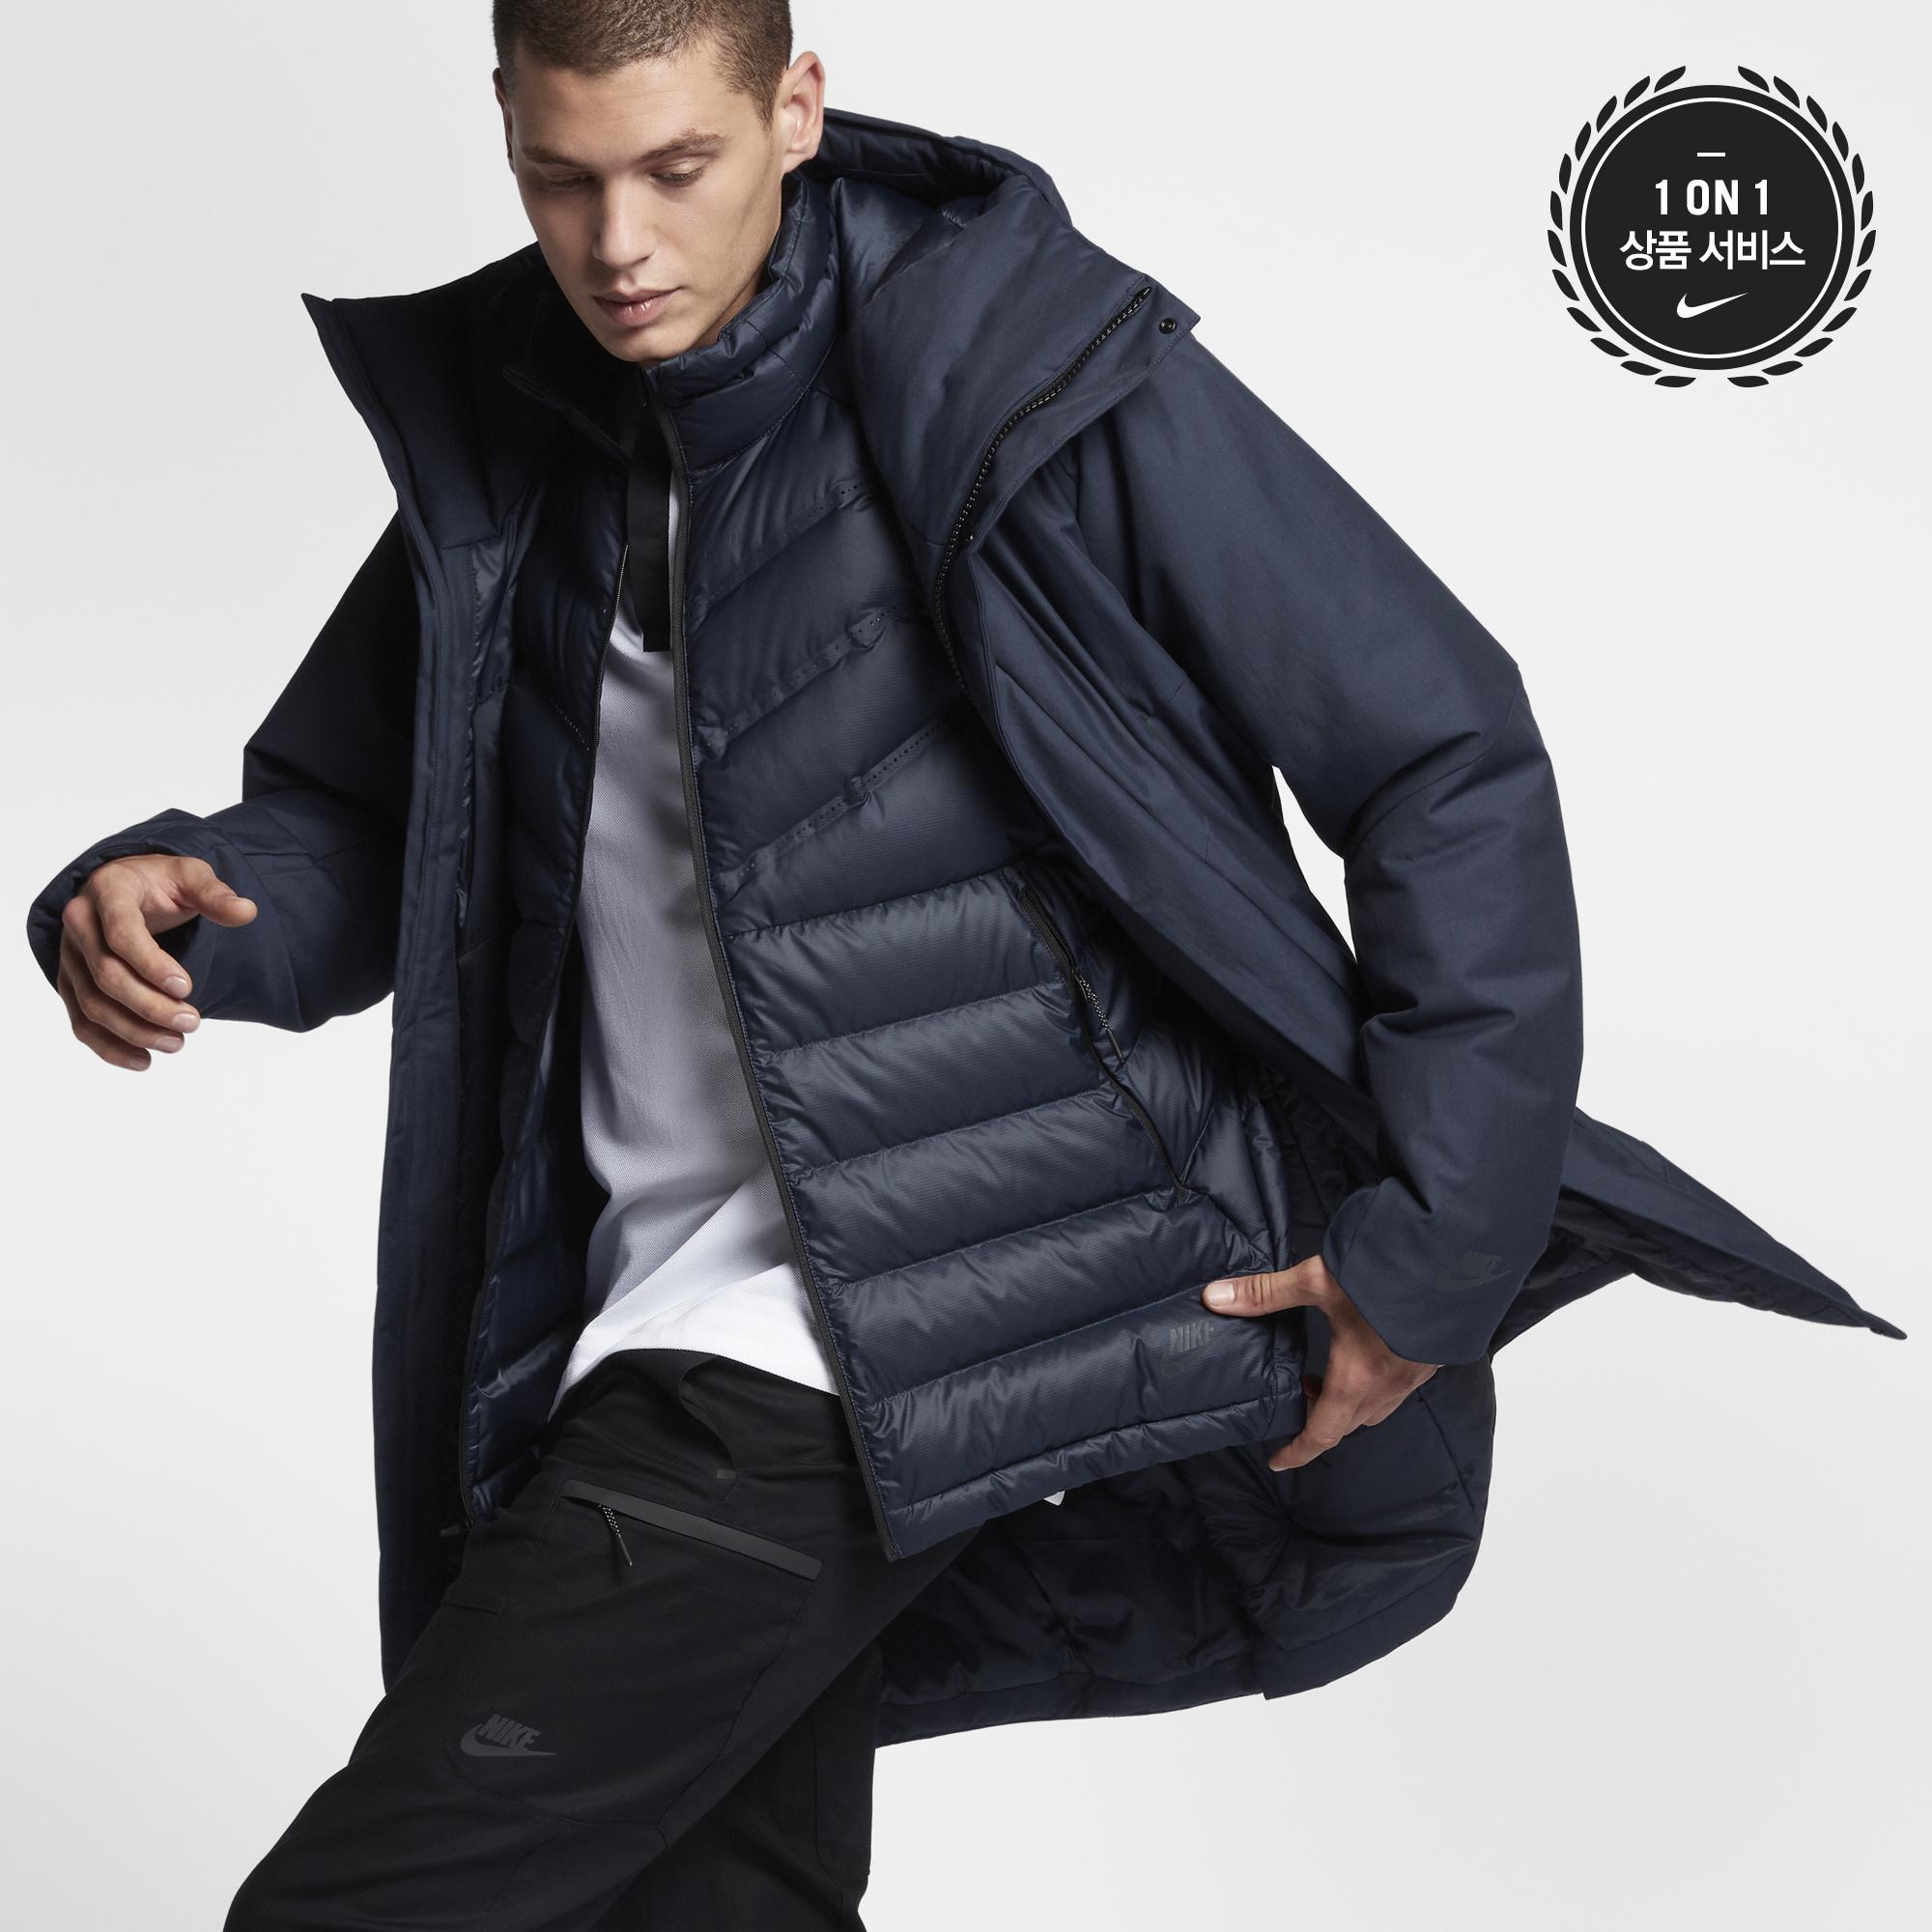 [Nike] 나이키 스포츠웨어 에어로로프트 쓰리인원 재킷 남성 자켓, 나이키 테크, 나이키